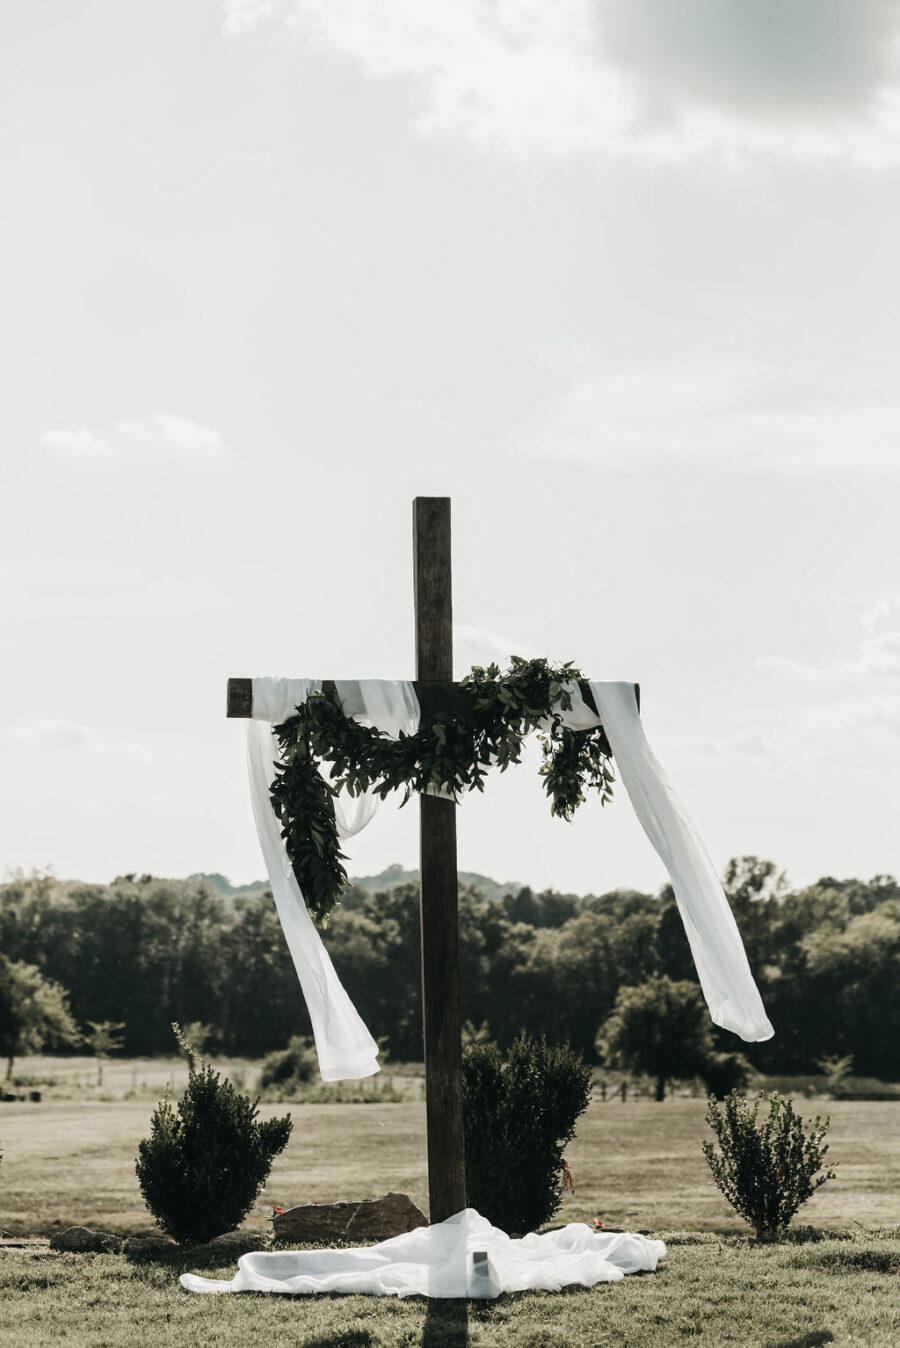 Outdoor wedding backdrop at Allenbrooke Farms